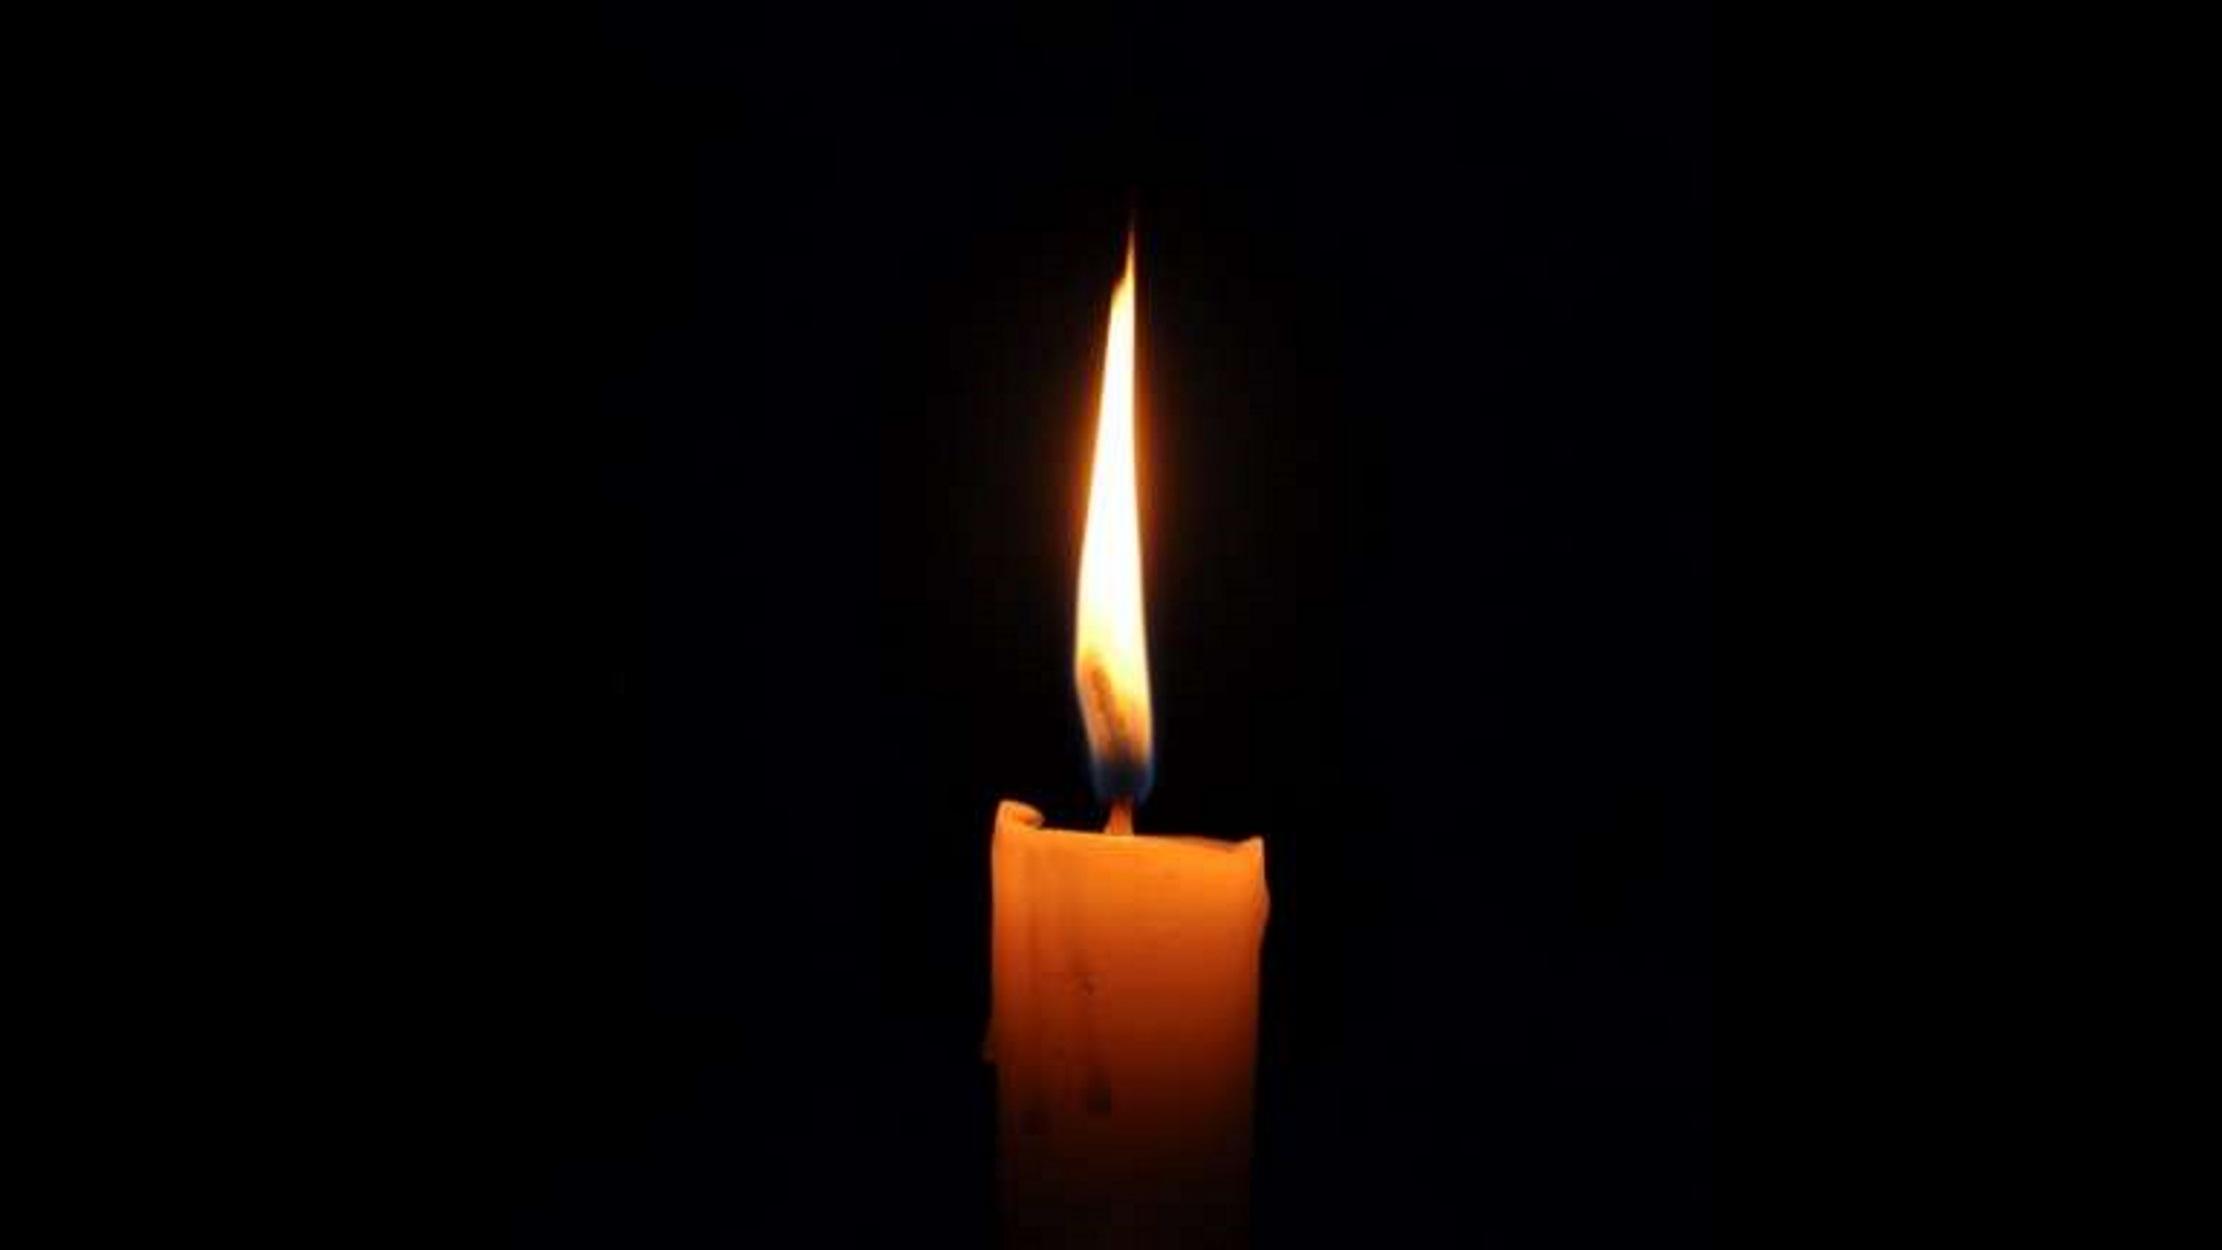 Λαμία: Πέθανε ξαφνικά γνωστός ιδιοκτήτης ιστορικής ταβέρνας